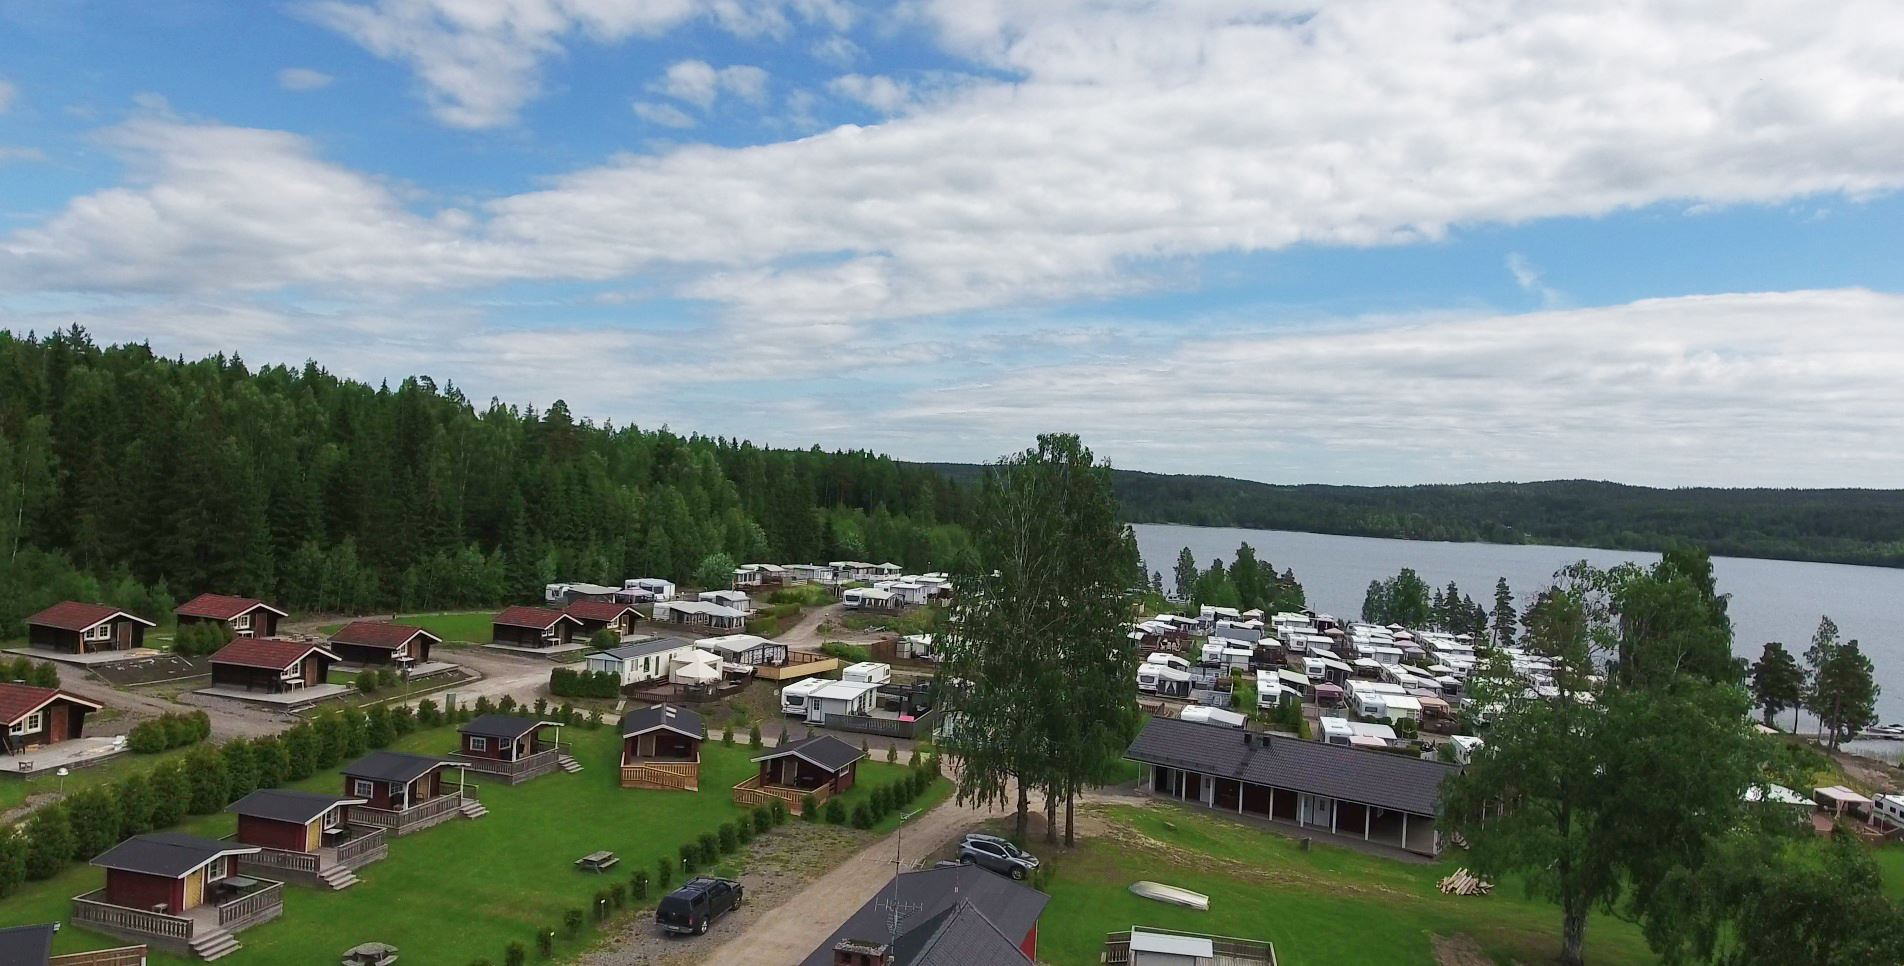 Charlottenberg Camping Haganäset